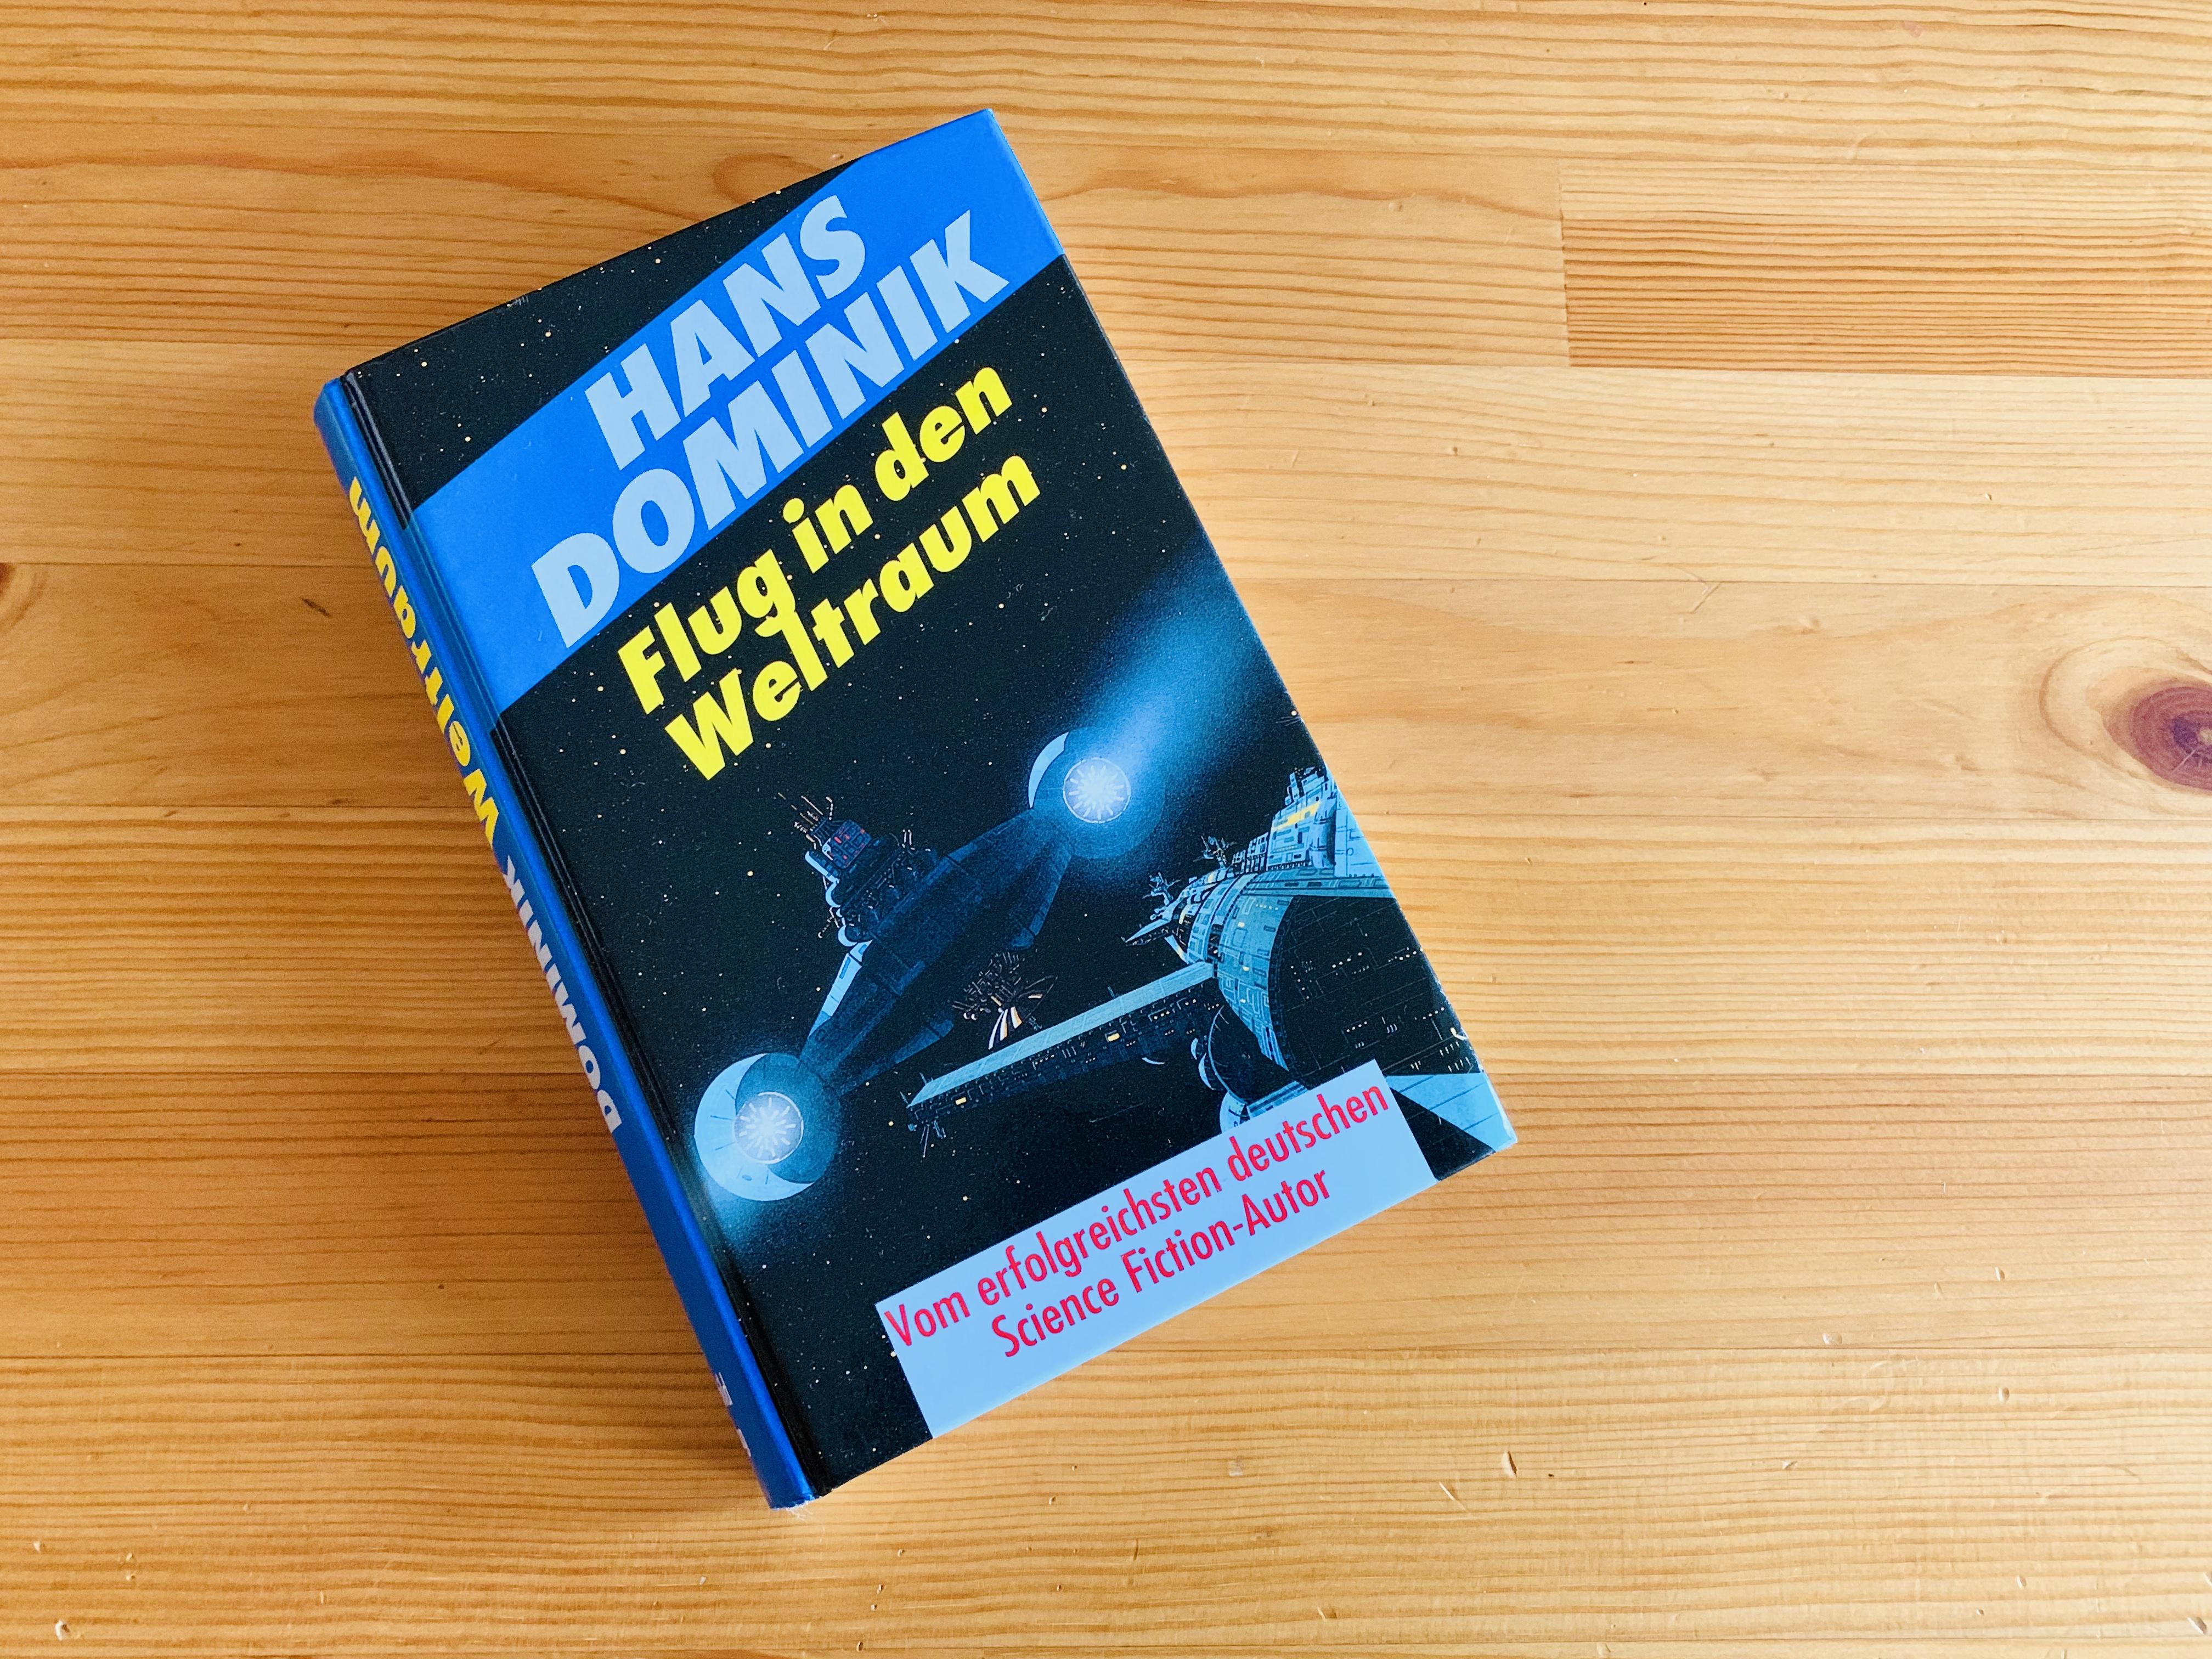 Flug in den Weltraum - Hans Dominik - Buchcover